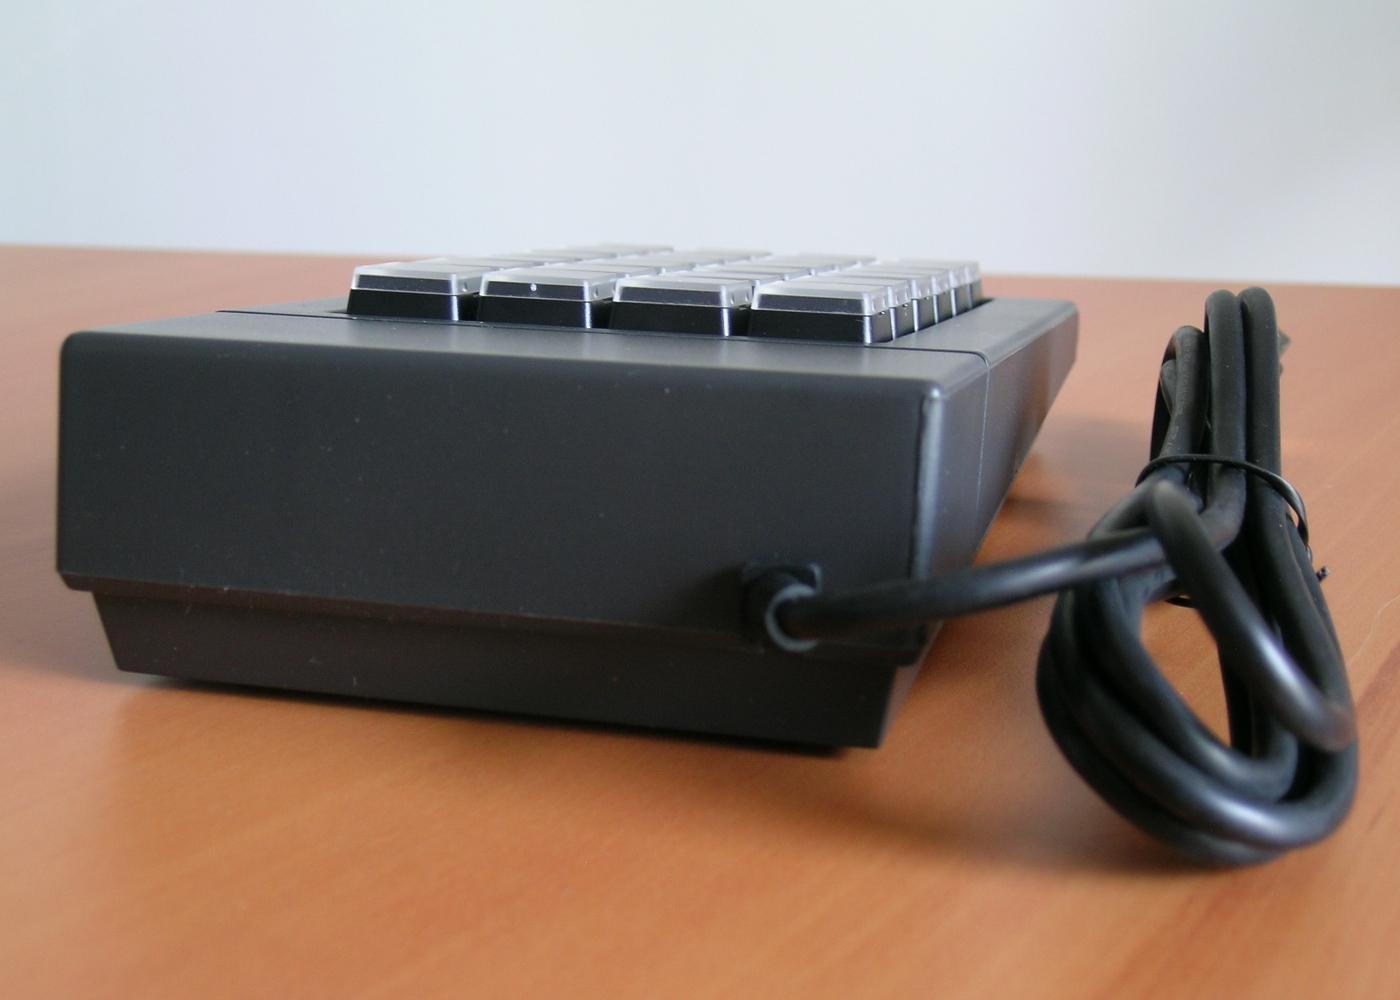 Clavier semi-industriel 24 touches programmable en boitier de table – Vue arrière